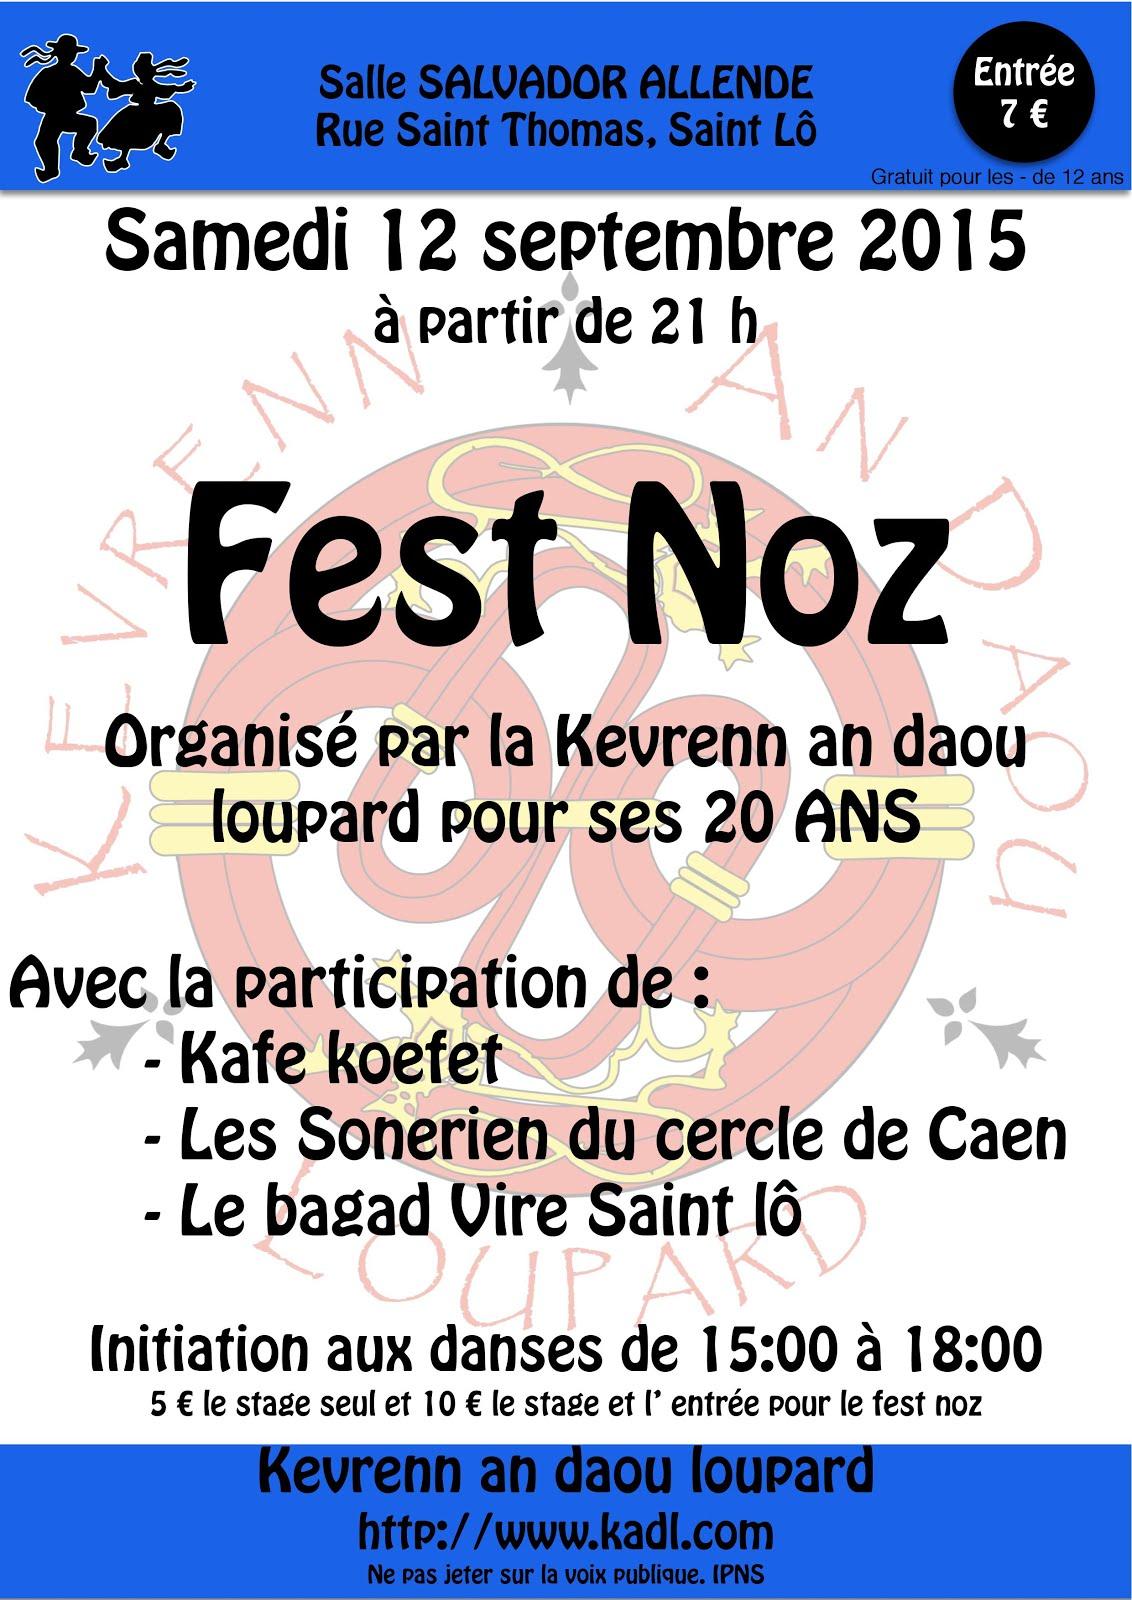 Affiche Fest-noz 20 ans de la Kevrenn an Daou Loupard (bagad de Vire - Saint-Lô) à Saint-Lô